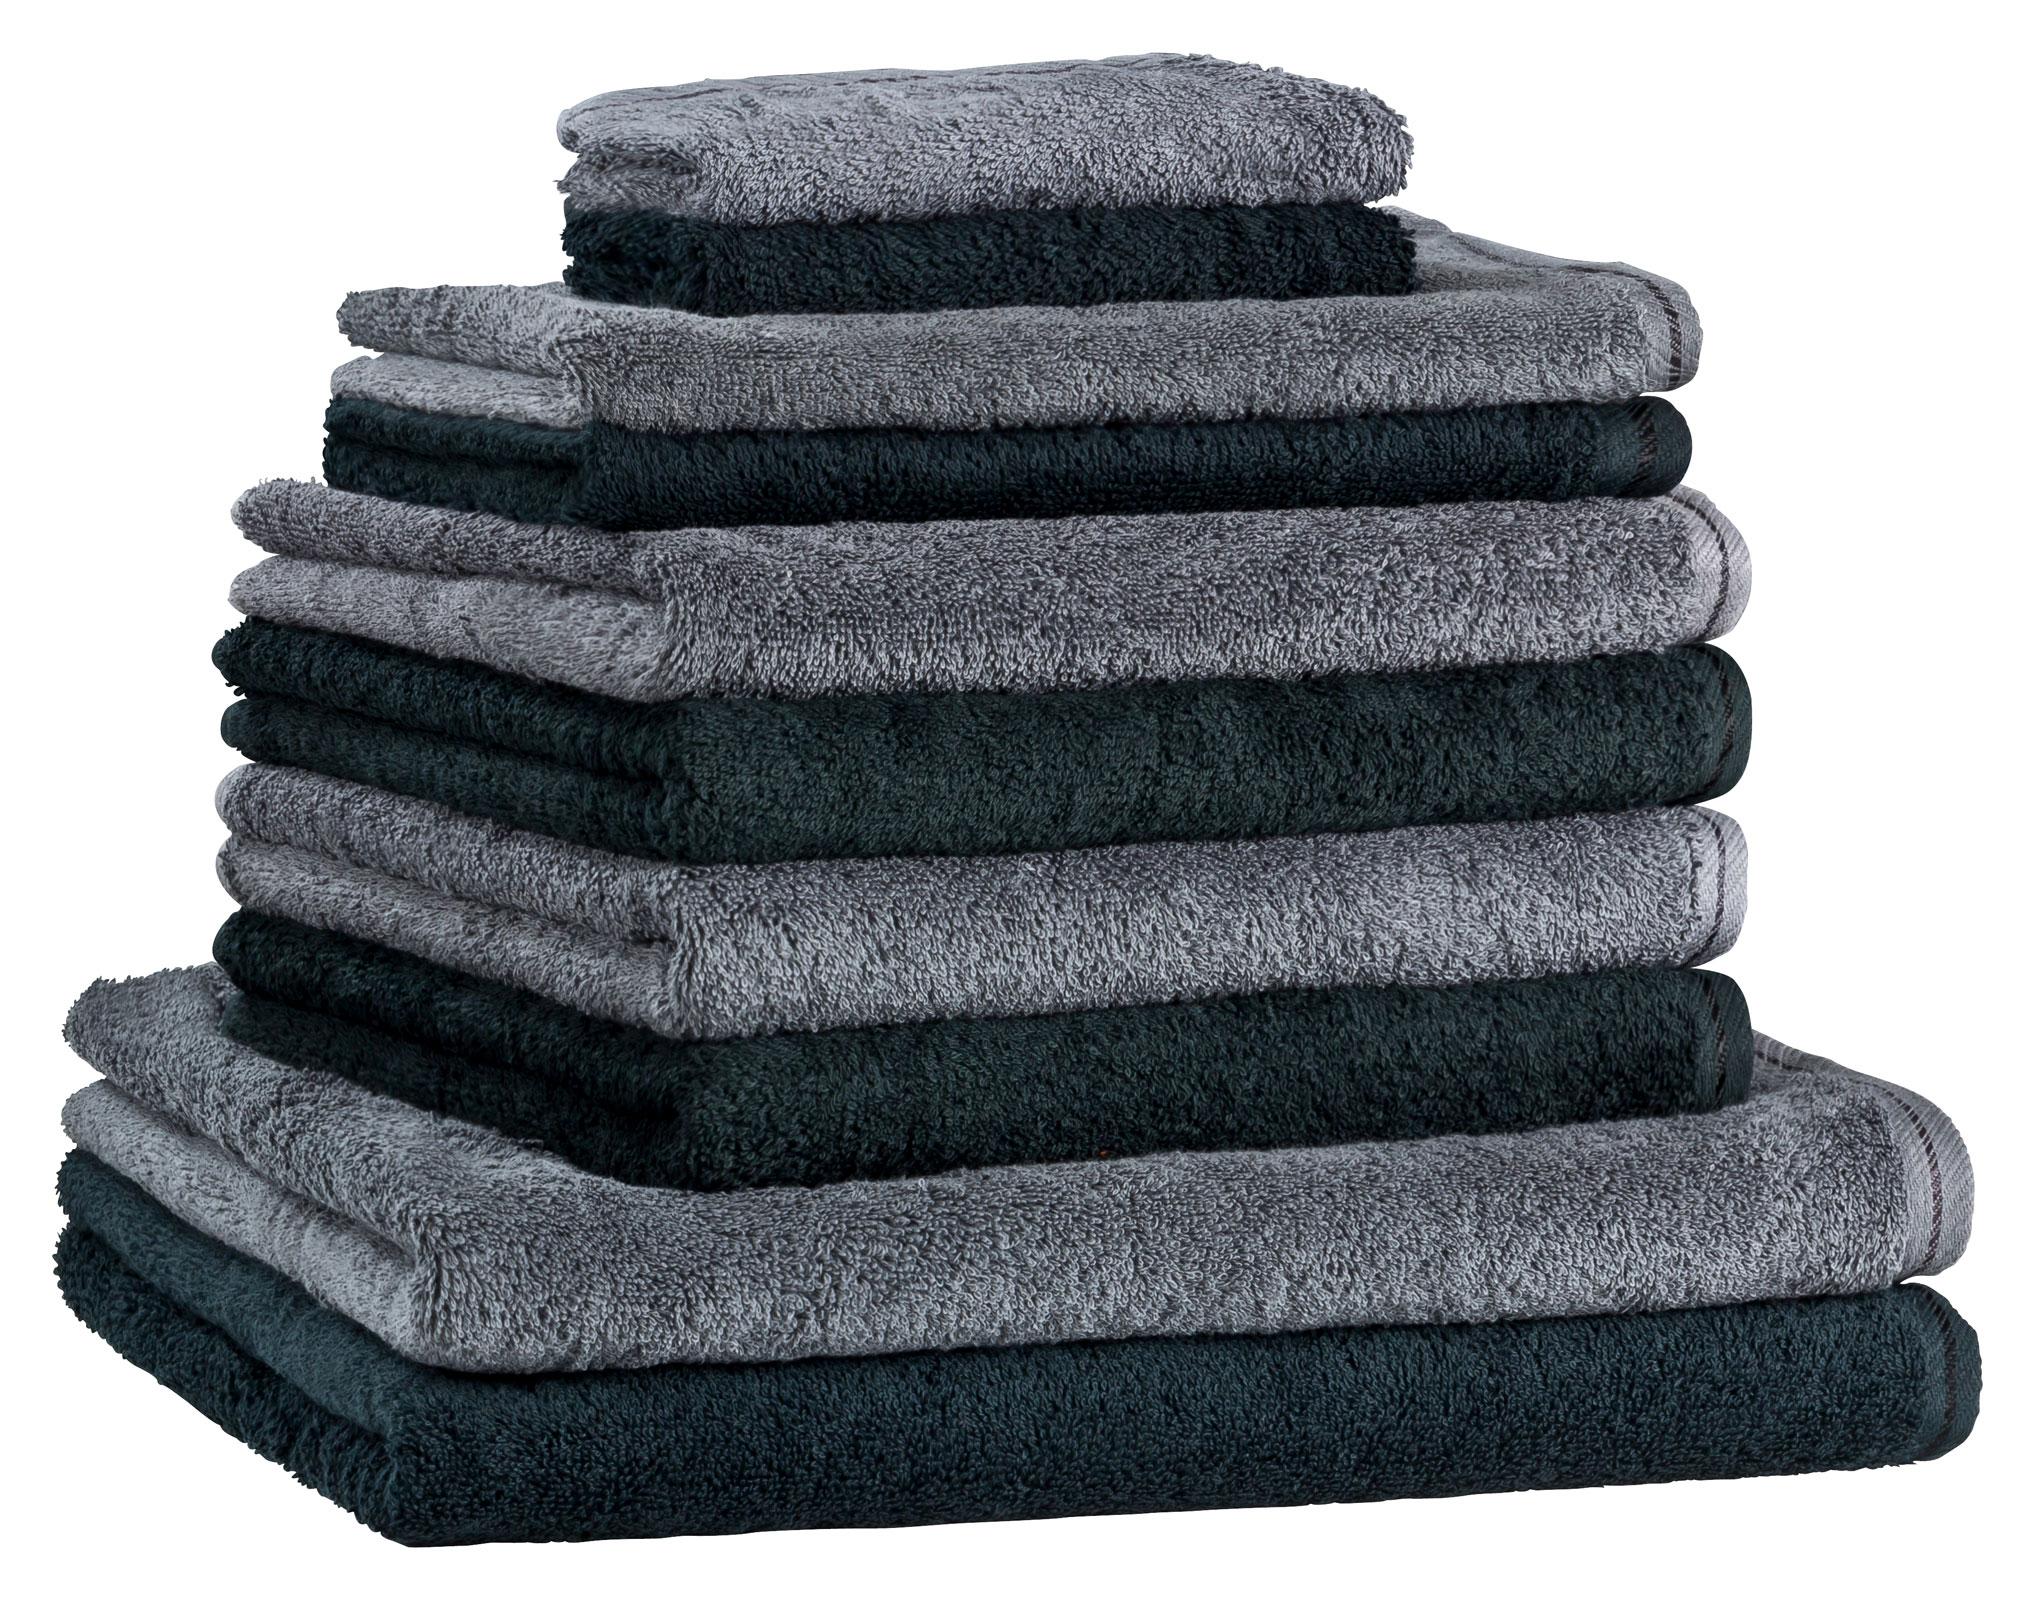 floringo premium handtuchset handtuch set 10 teilig profi. Black Bedroom Furniture Sets. Home Design Ideas